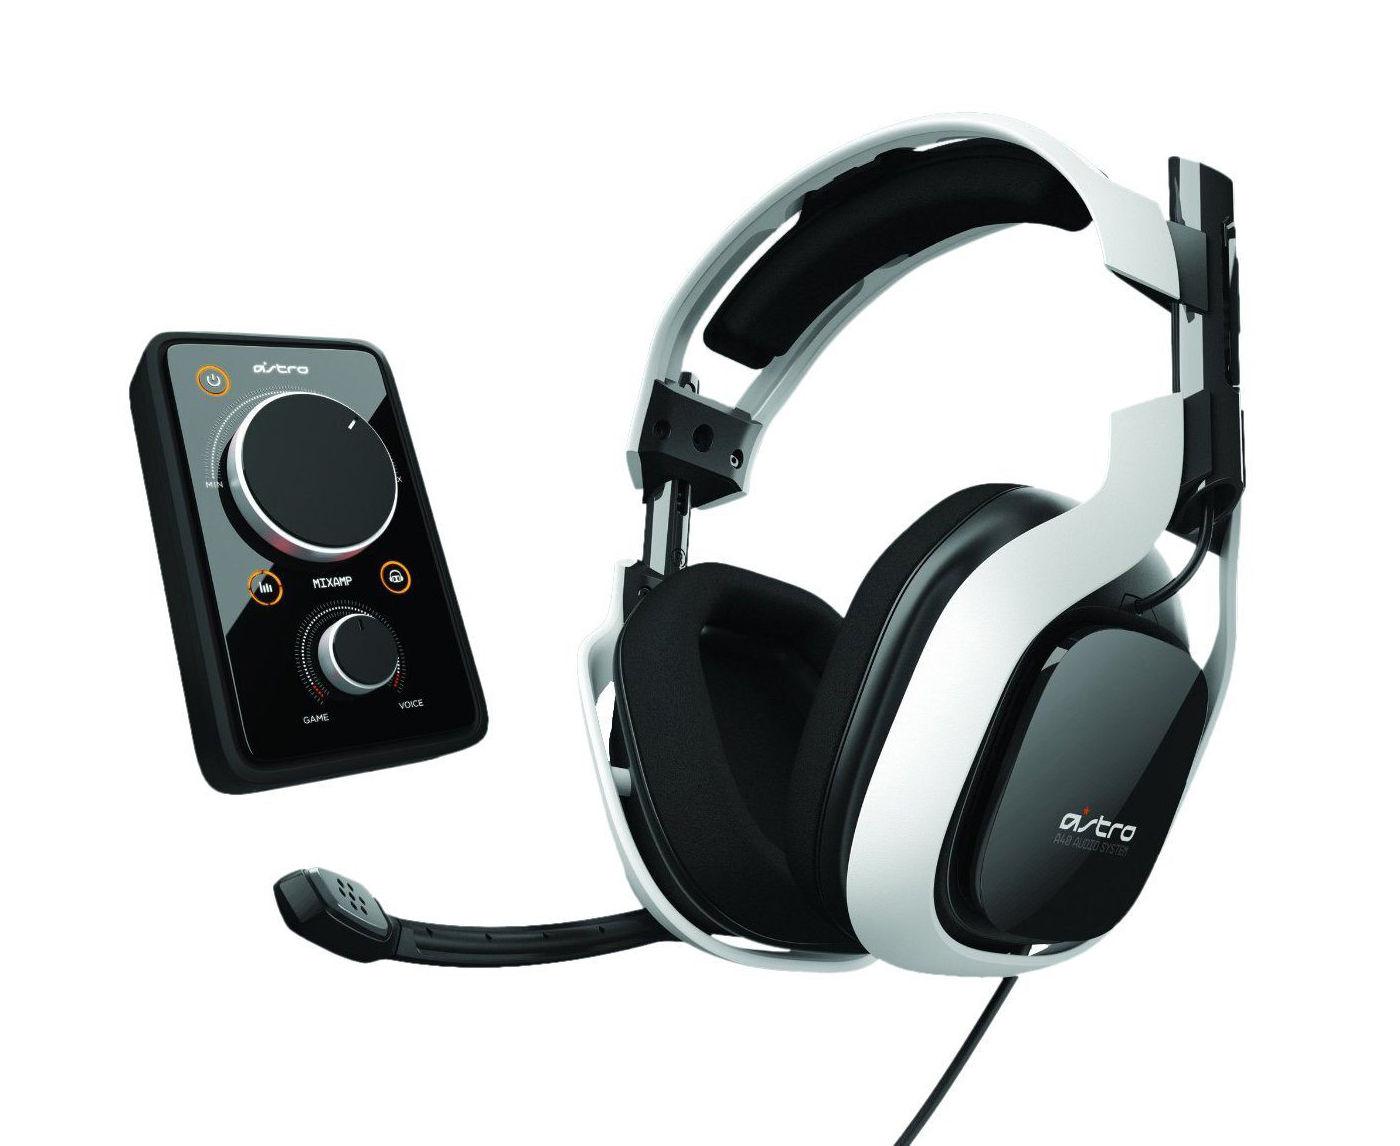 Di solito sono impostabili e regolabili direttamente sulla cuffia tramite  dei pulsanti. Cuffie gaming con varie regolazioni f252d9ce7b62